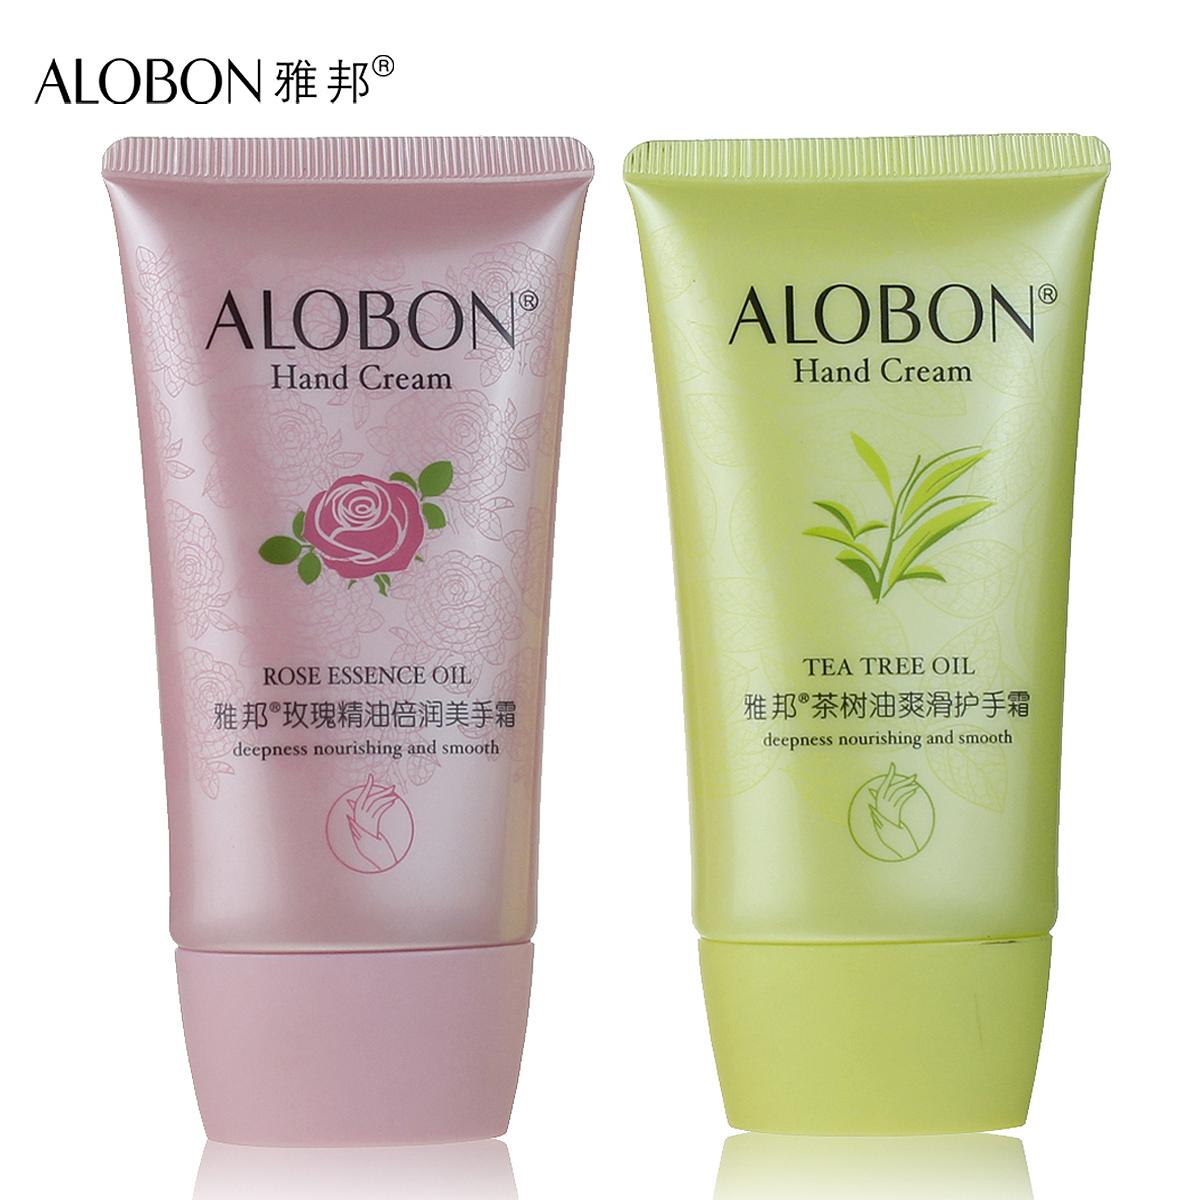 AloBon/Urbis розового масла Эфирные руки крем чай дерево освежающий крем для рук 80gX1